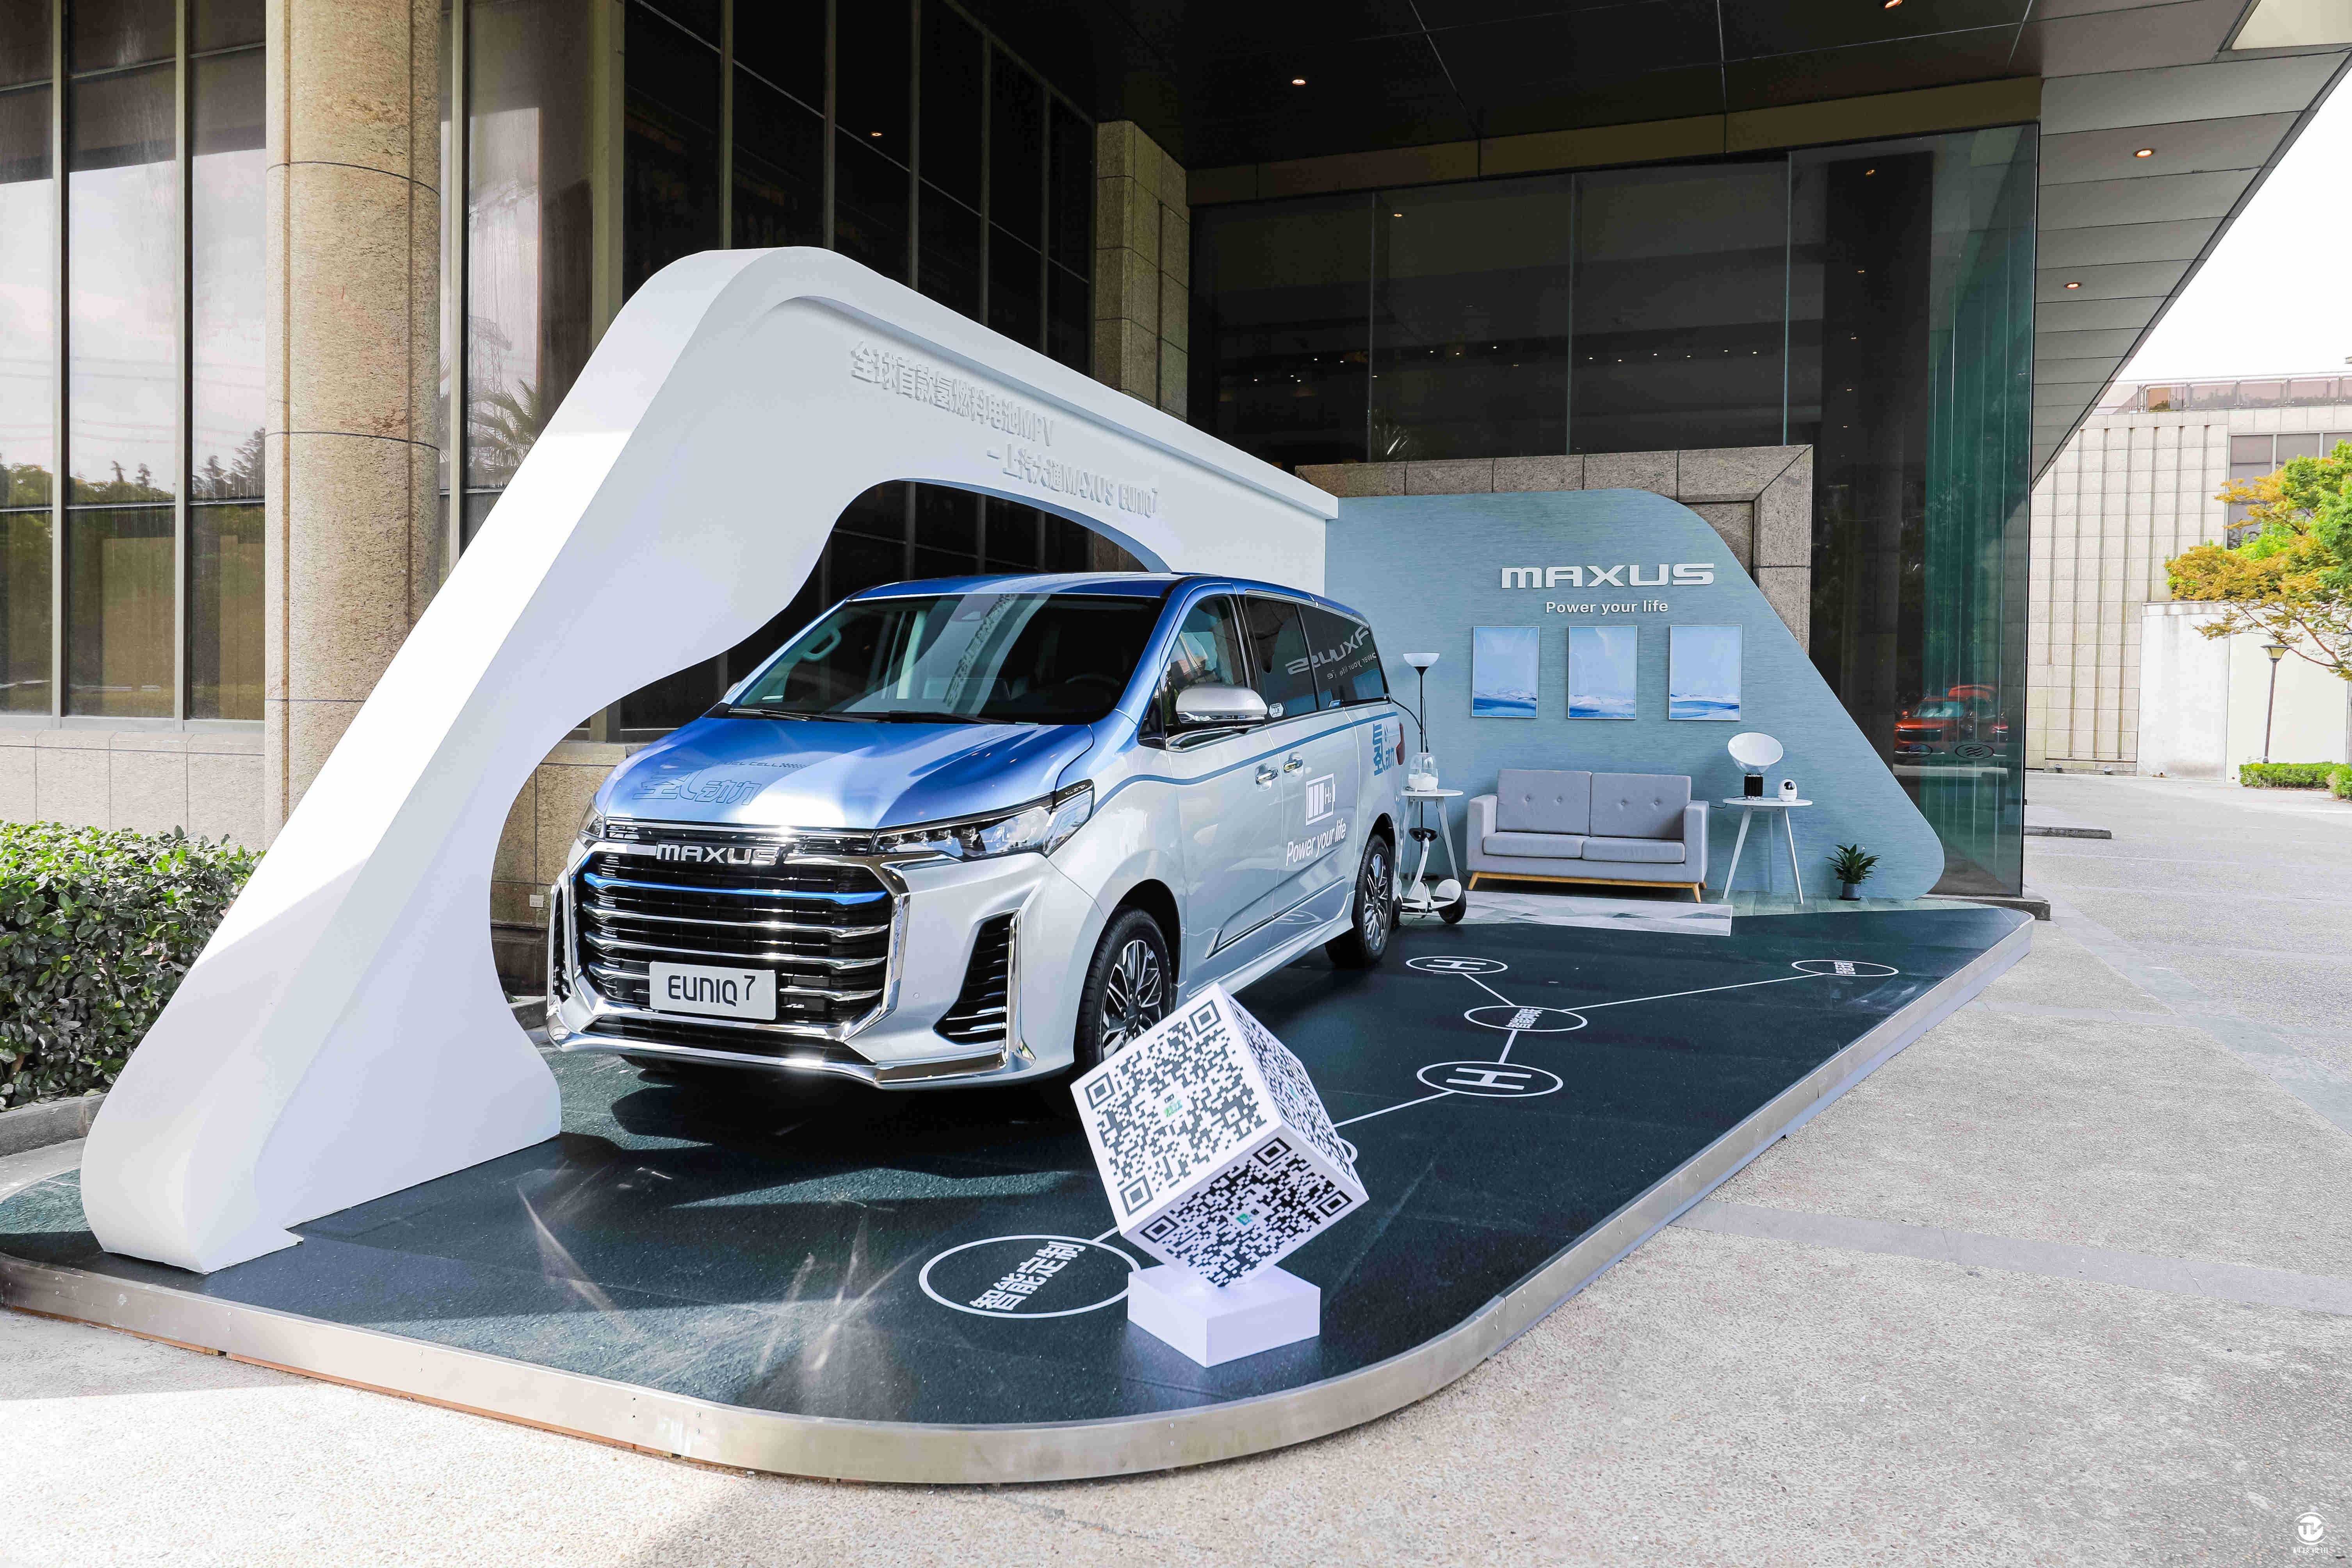 新闻稿配图2:全球首款燃料电池MPV,上汽大通EUNIQ7.jpg